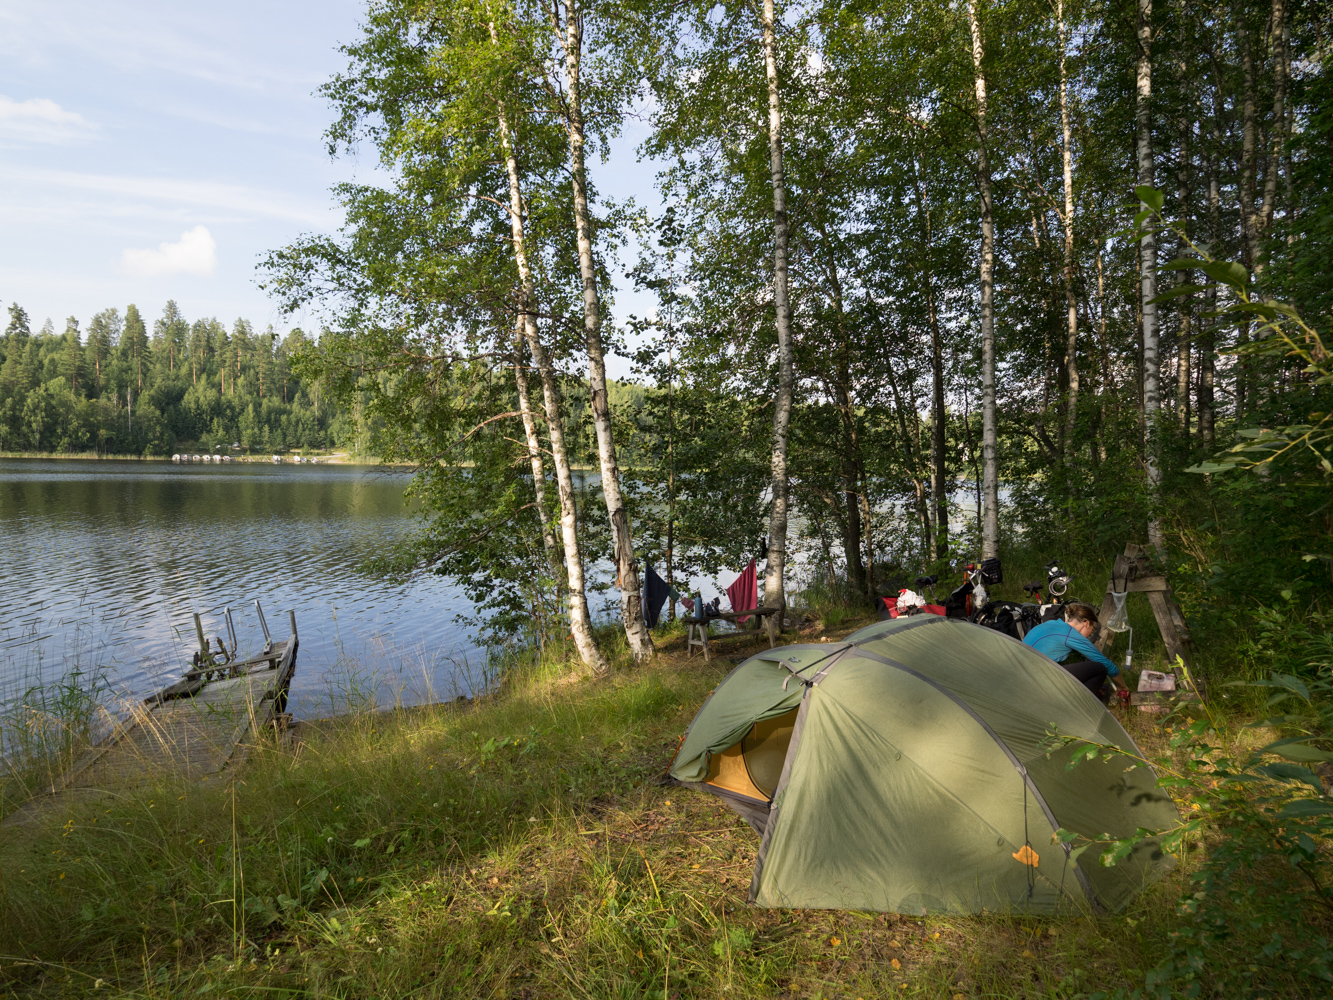 Der Campingplatz ist verlassen, soll uns jedoch nicht vom zelten abhalten